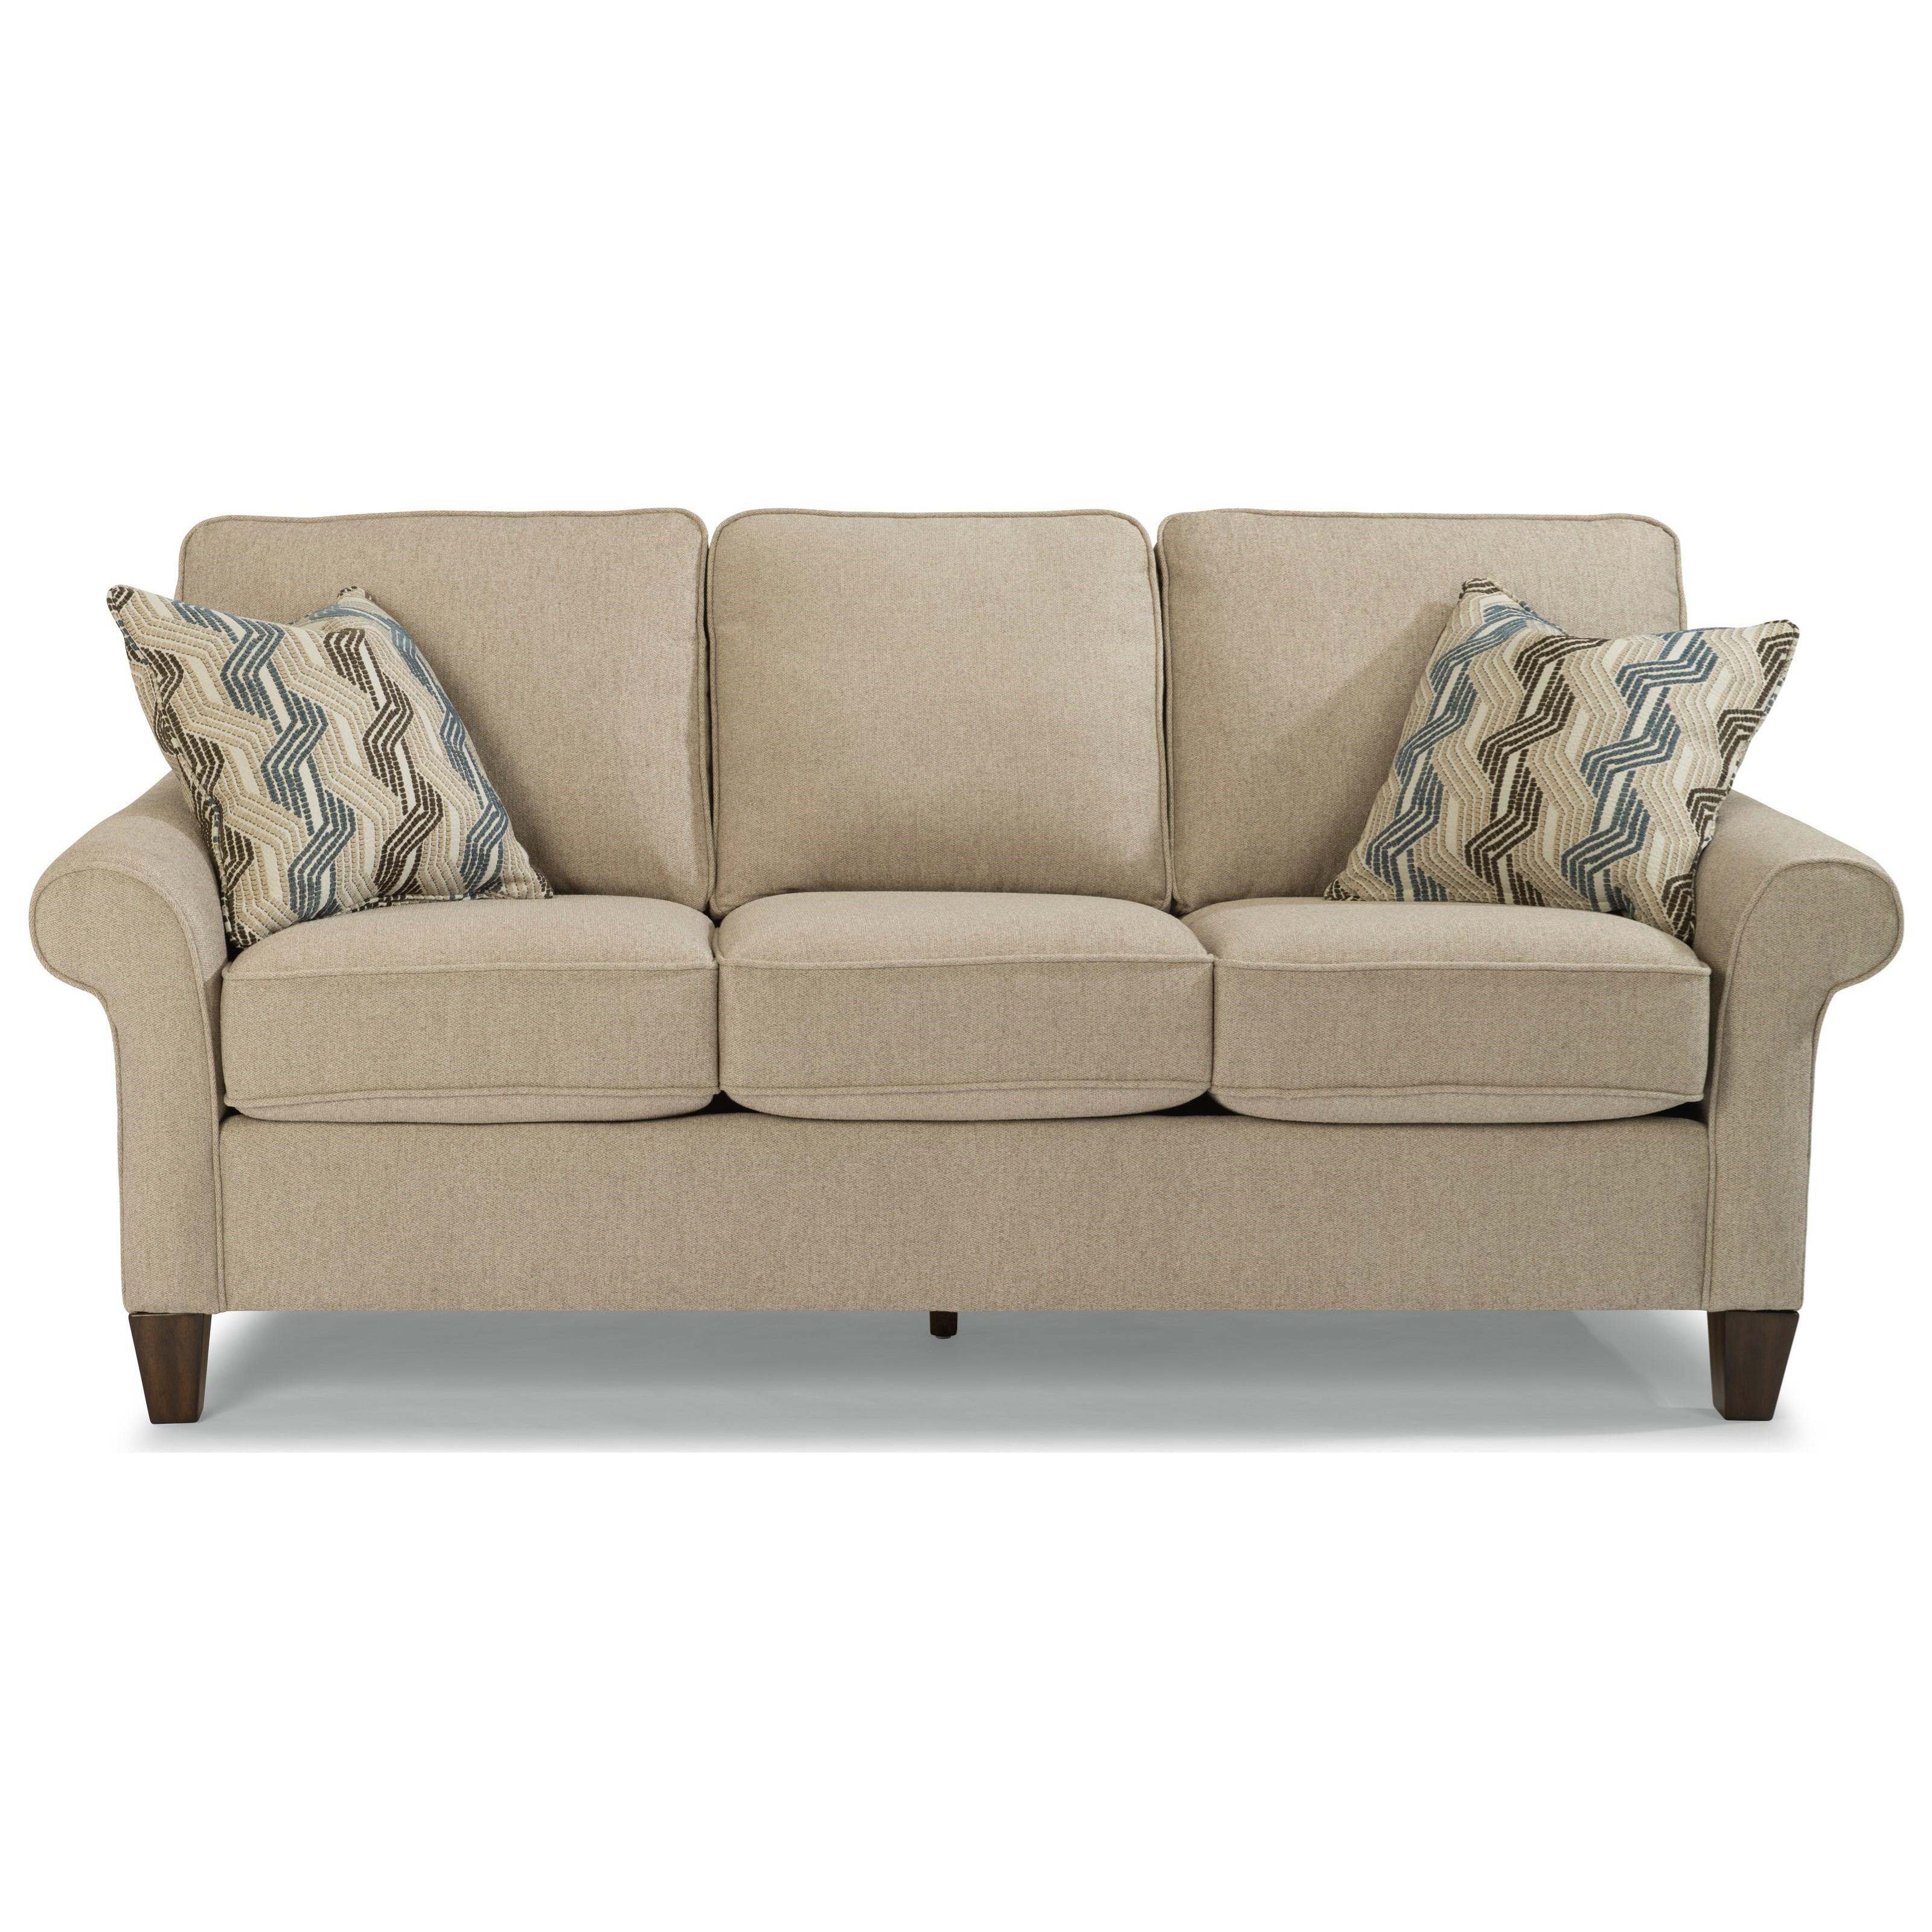 Westside Sofa by Flexsteel at Steger's Furniture